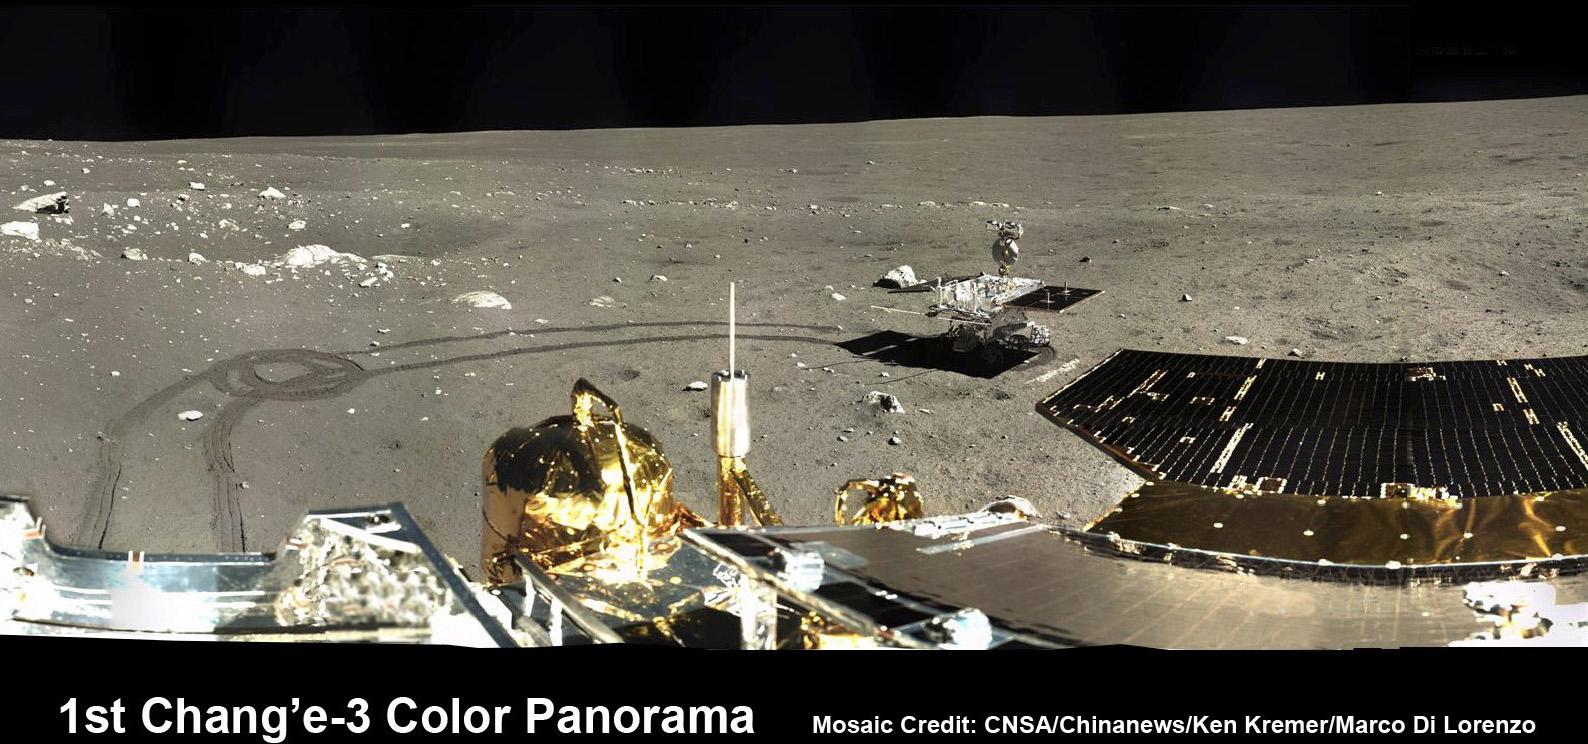 El Hombre llego a la luna en el 69??? - Página 13 Change-3-landing-site-pano2K_Ken-Kremer